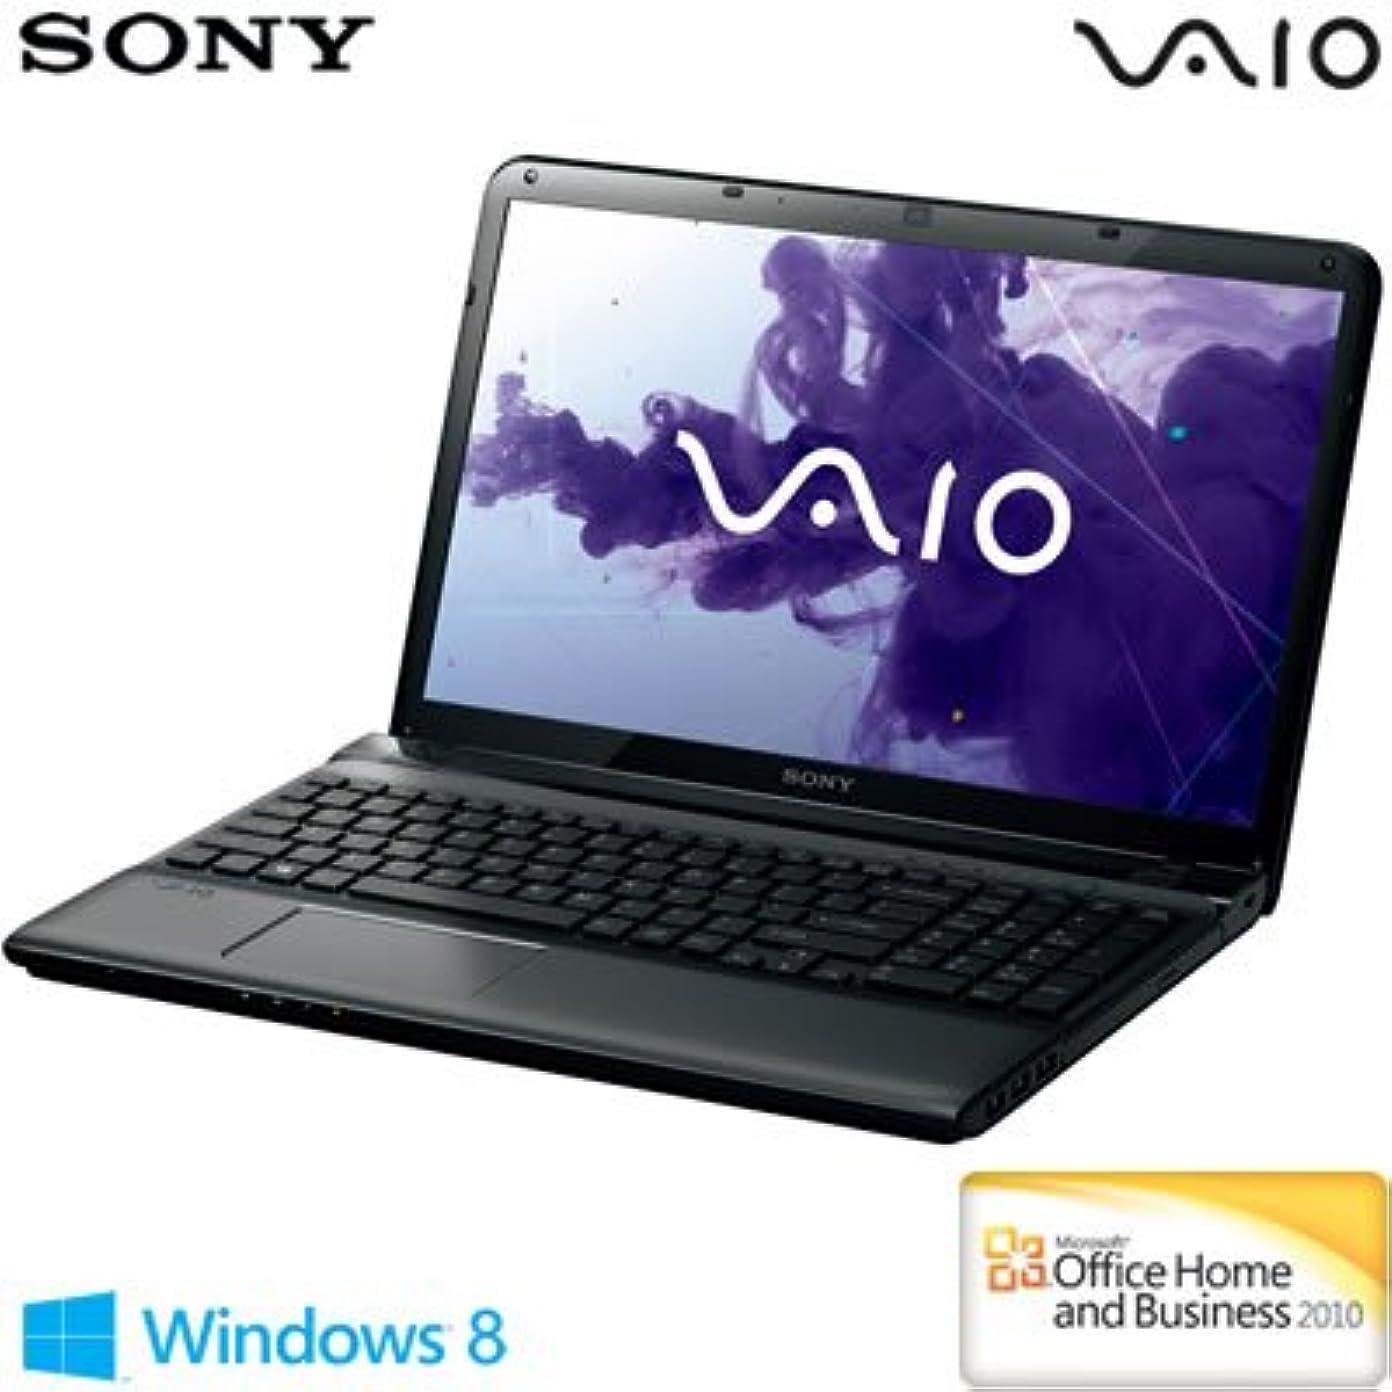 関連付けるパイプライン機械ソニー(VAIO) VAIO Eシリーズ (W8 64/Ci5/15.5WXGA/4G/BDXL/1T/WLAN/BT/Office) ブラック SVE15125CJB